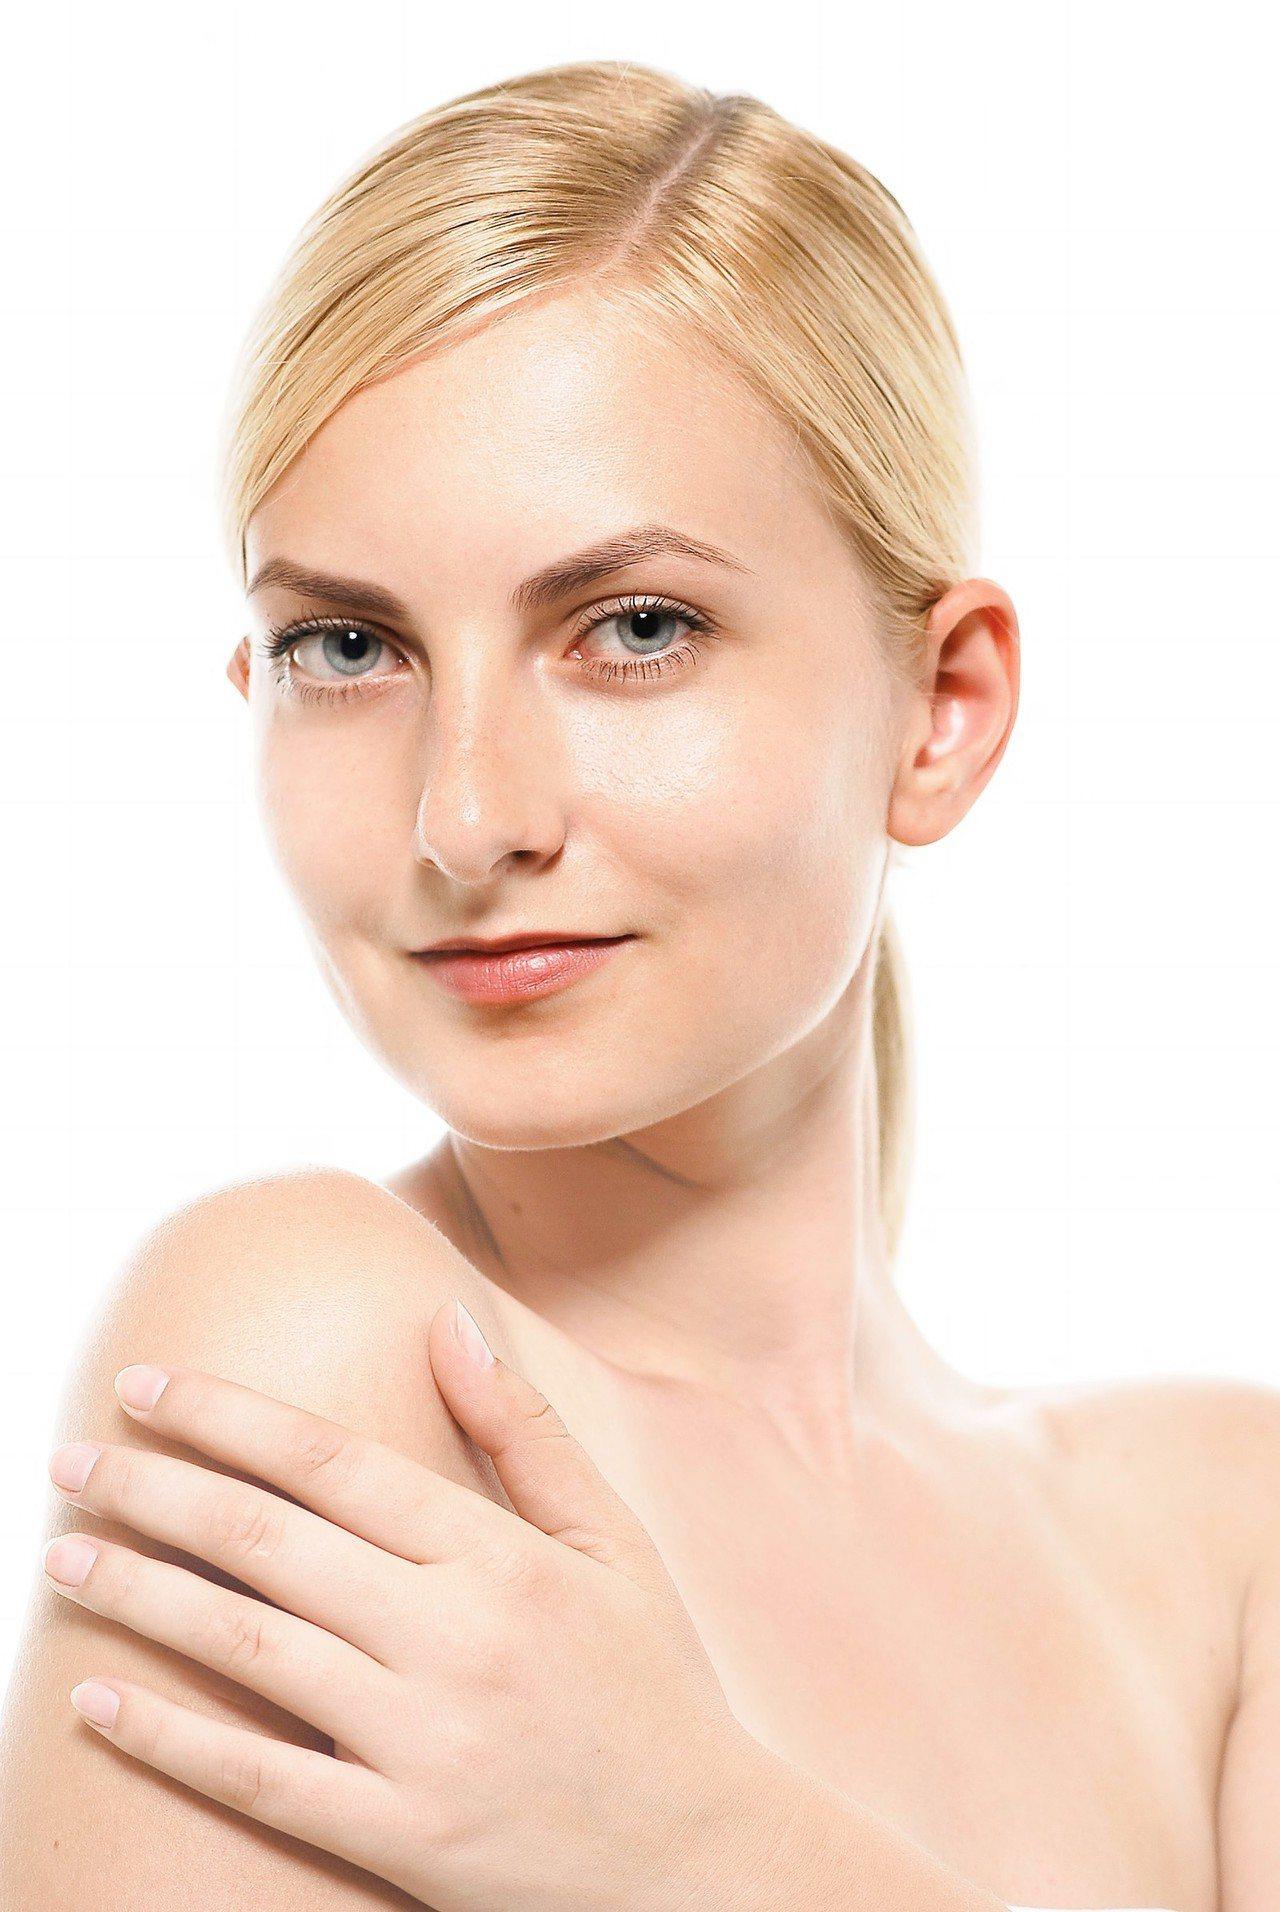 遮黑眼圈也要注意上妝的位置,才不會把眼睛越畫越小。圖/摘自pakutaso